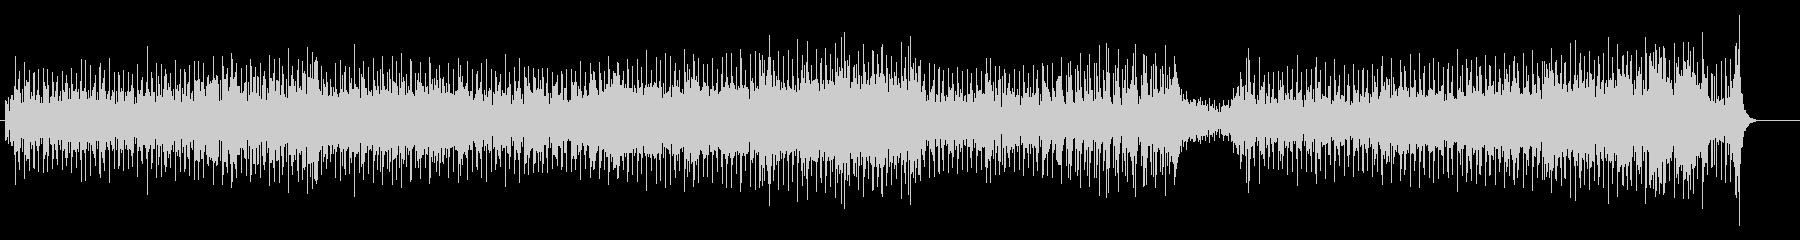 ゆったりと揺れるようなポップ・チューンの未再生の波形